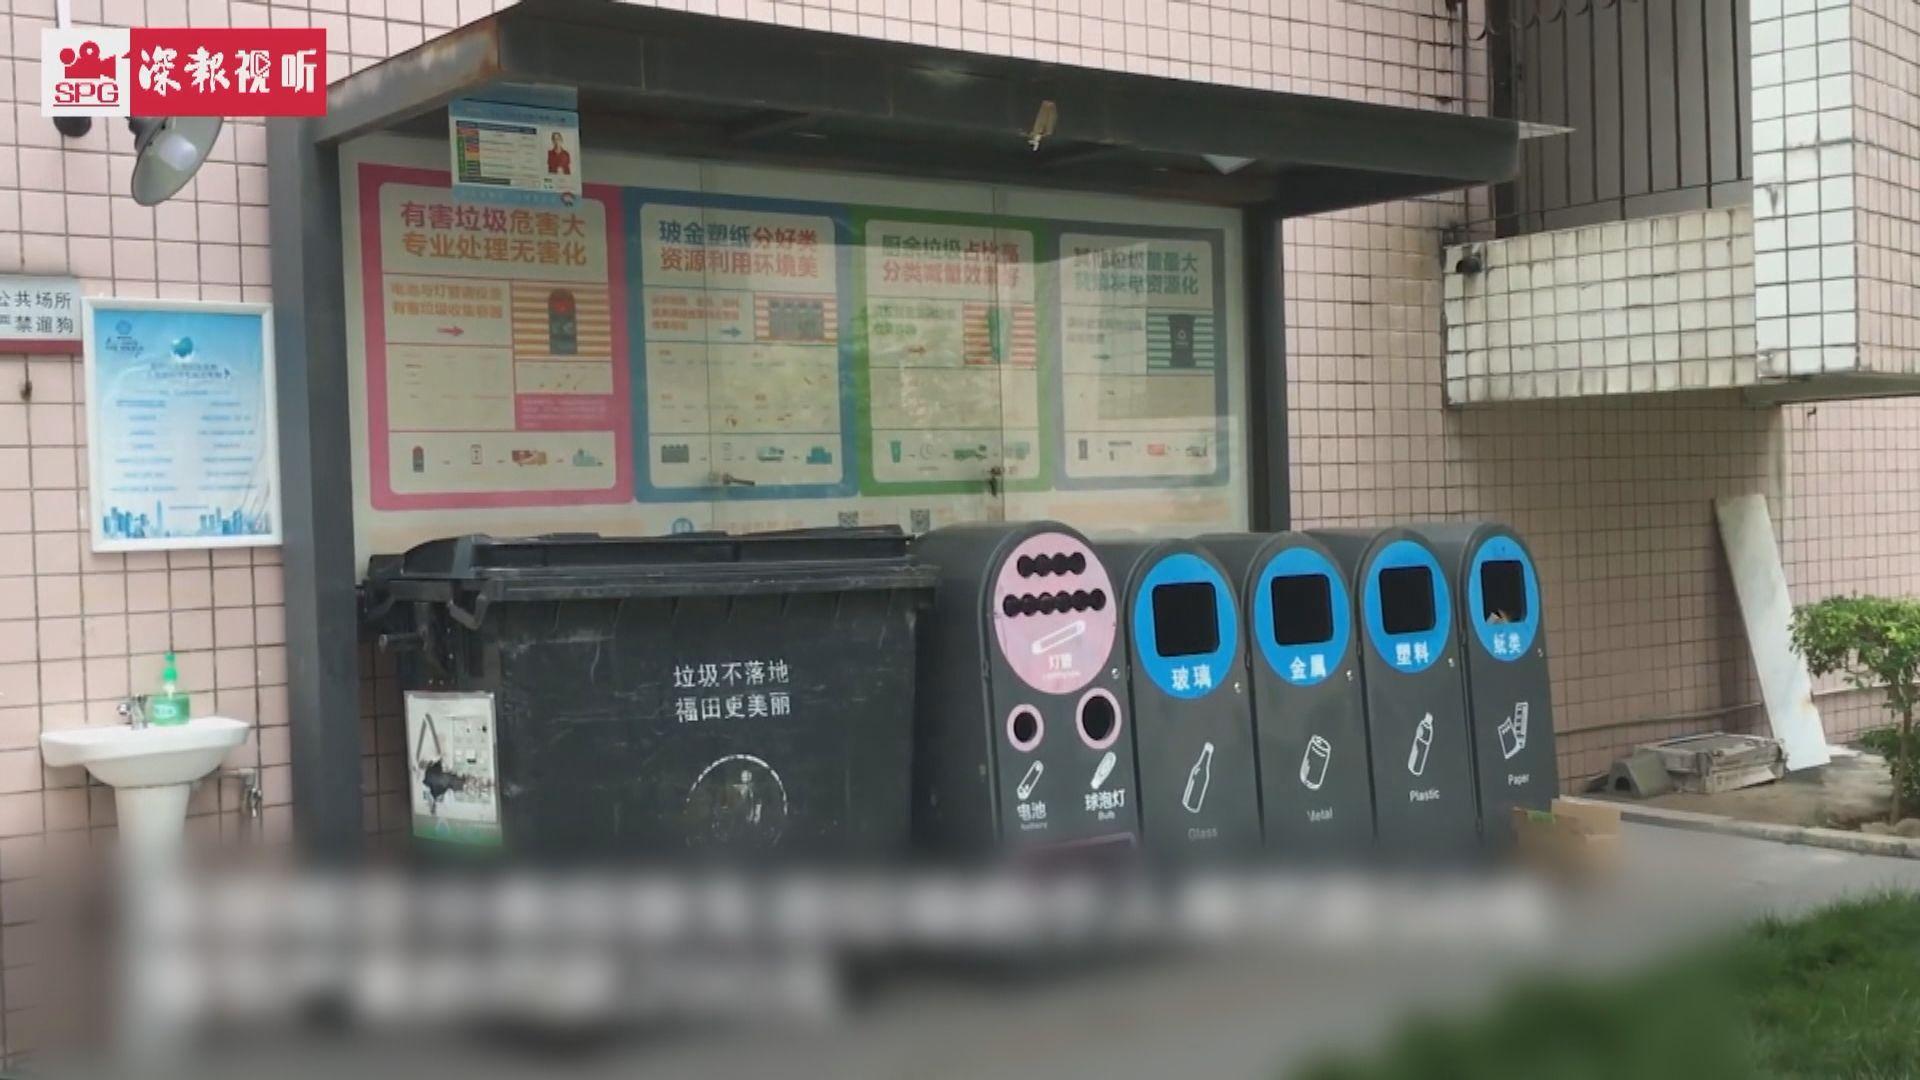 【環球薈報】深圳九月起進入強制垃圾分類時代